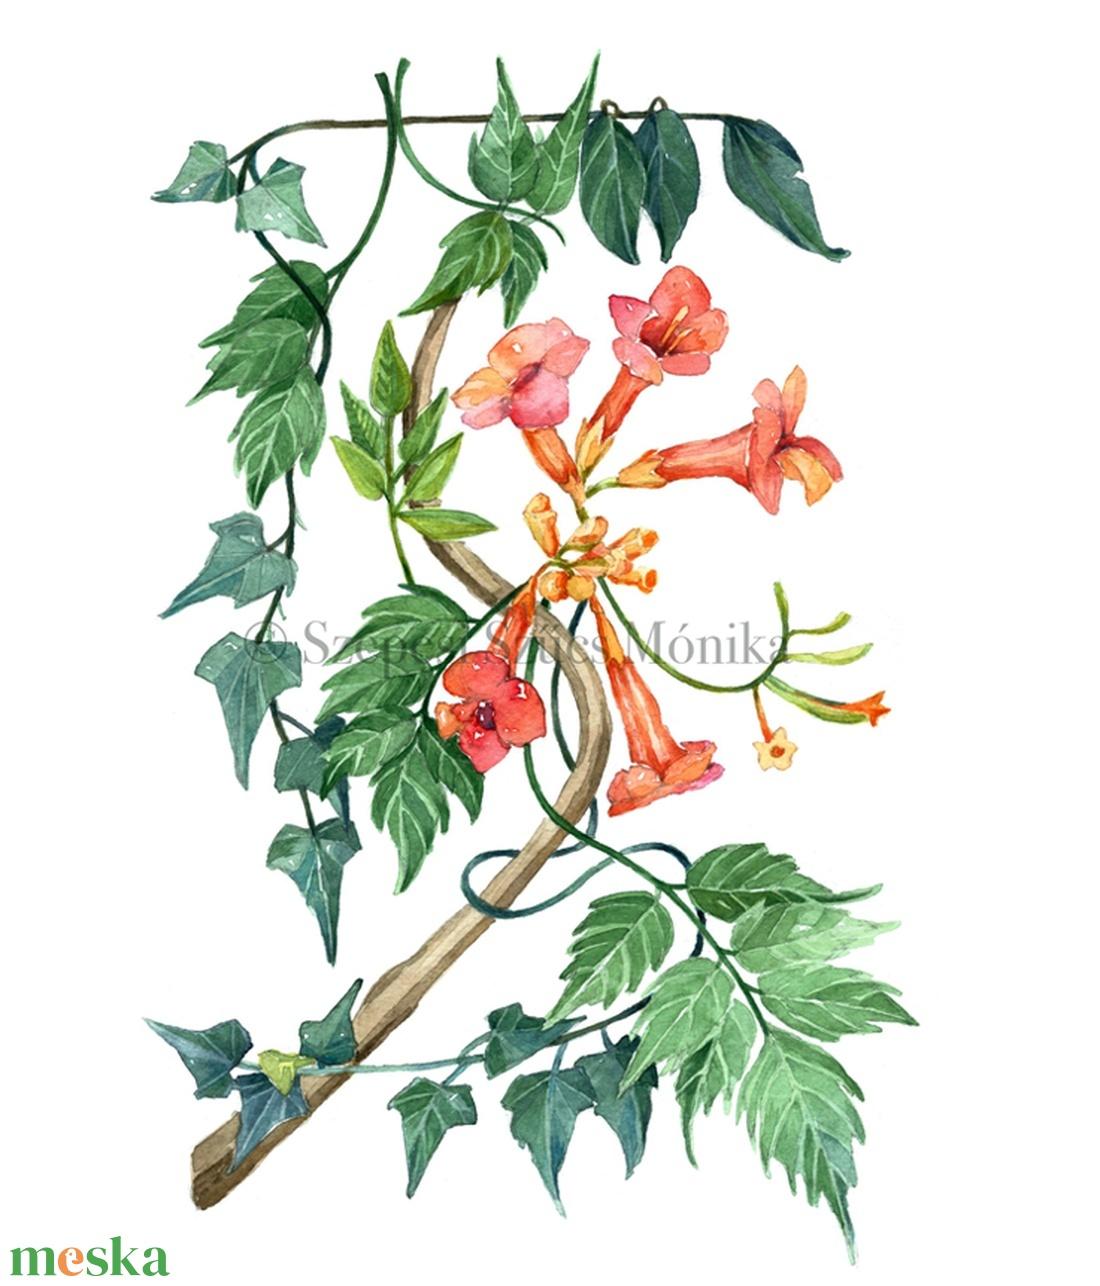 Trombitafolyondár és borostyán - Print (Akvarell) (BotanikAkvarell) - Meska.hu